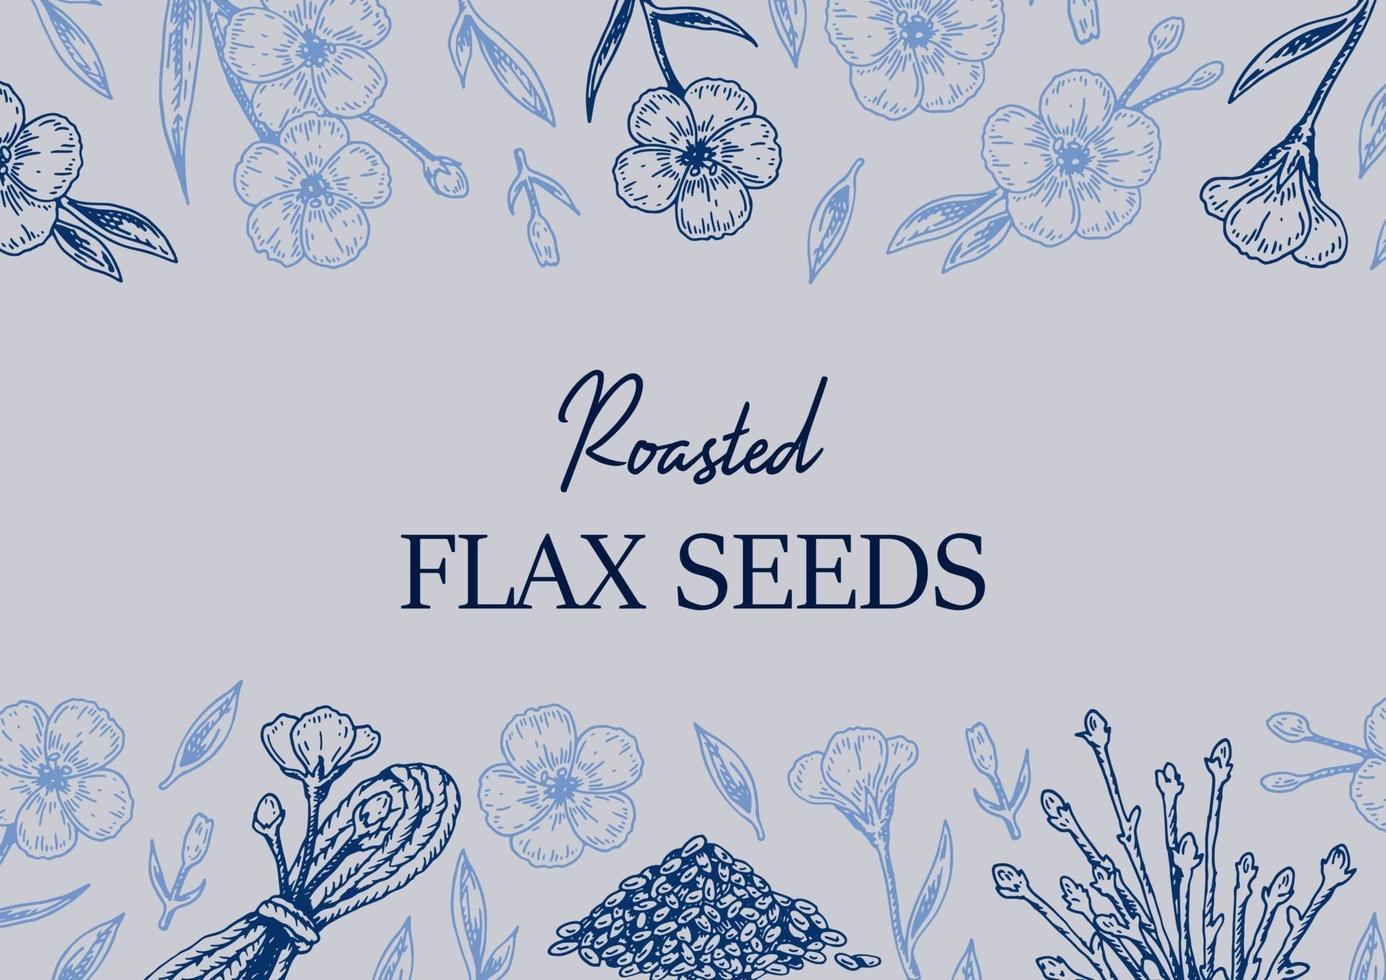 diseño de lino dibujado a mano. ilustración vectorial en estilo boceto para semillas de lino y envases de aceite vector